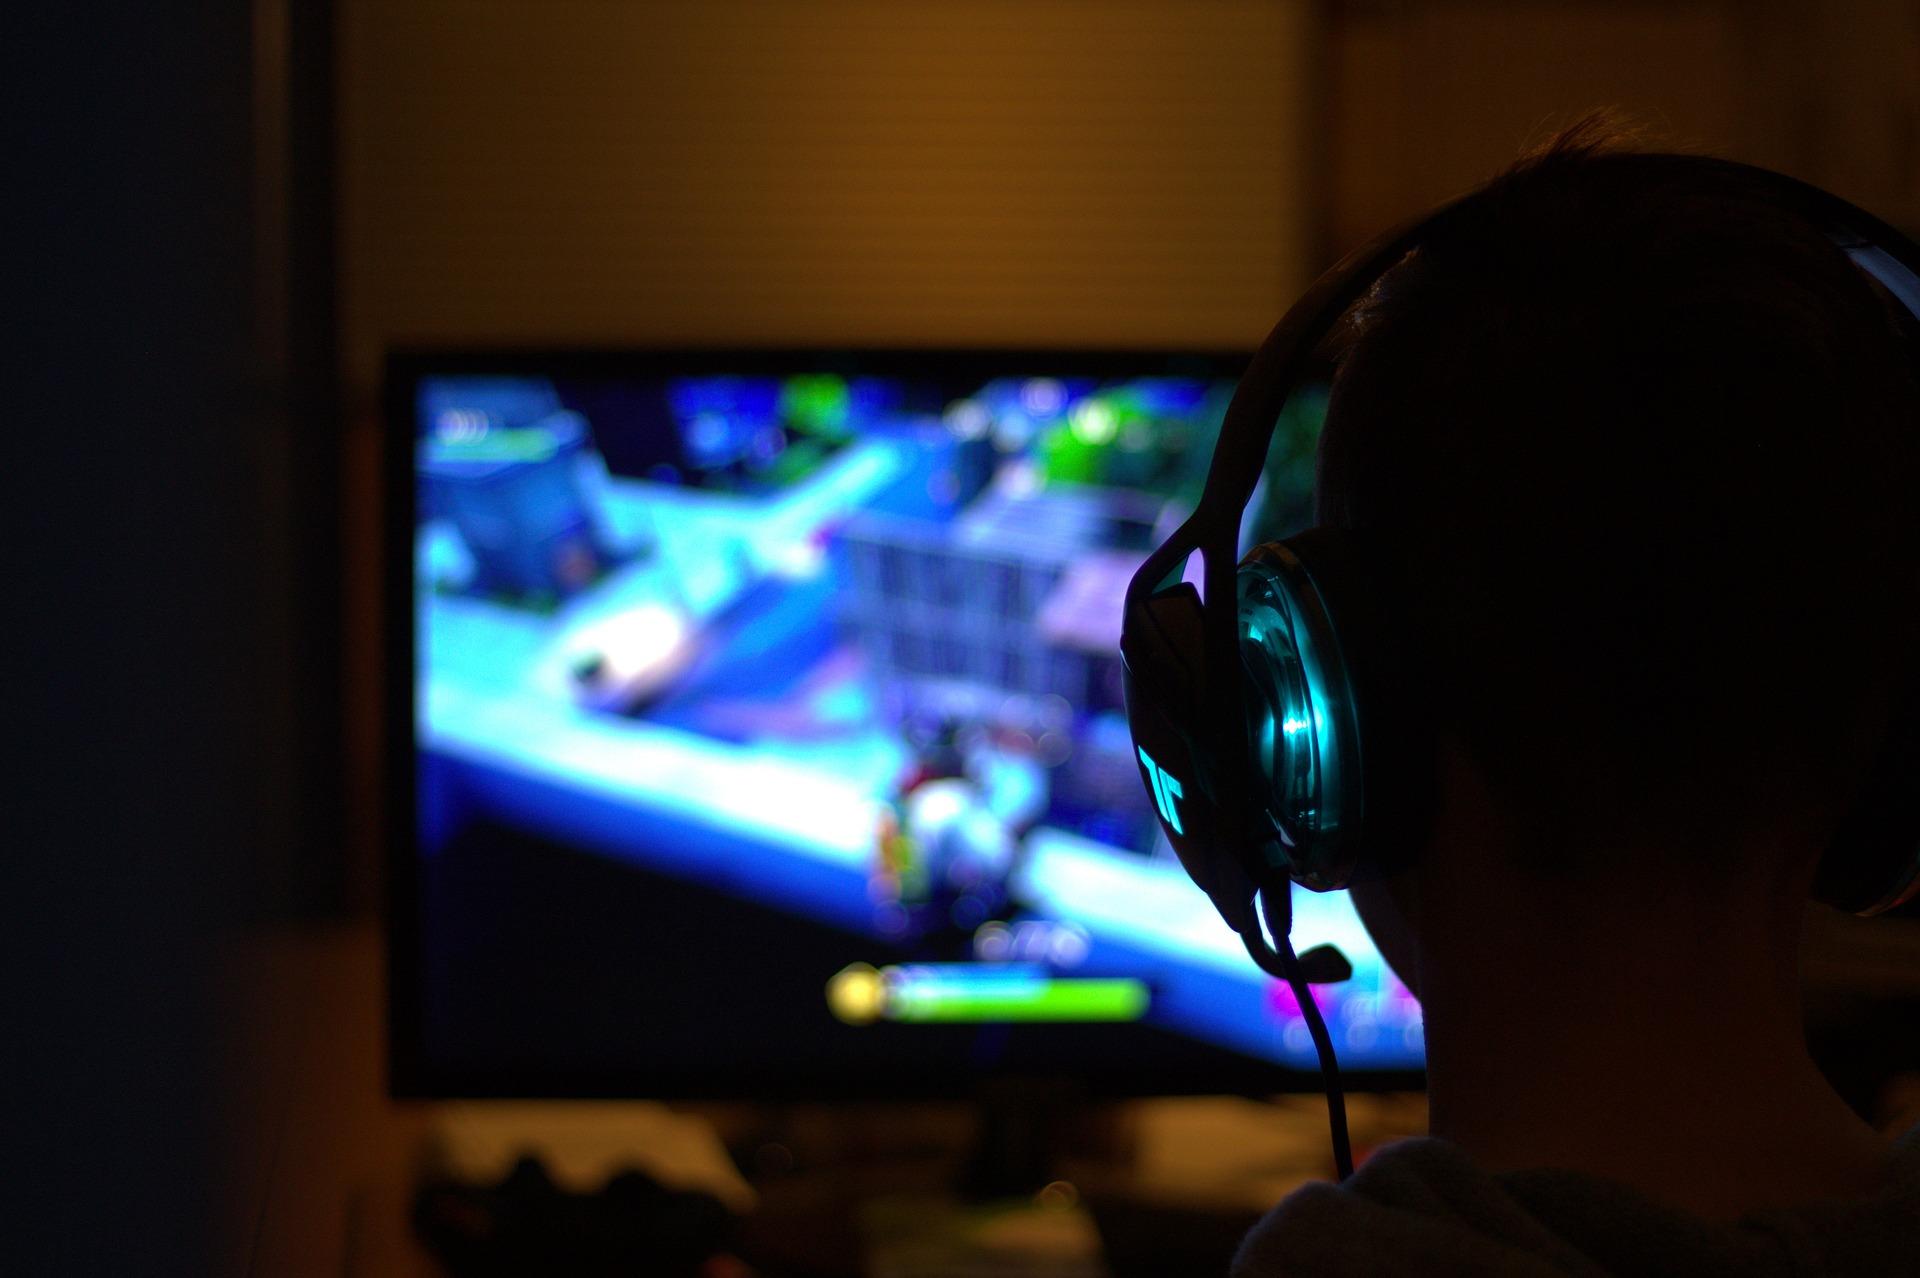 Imagem mostra uma pessoa jogando no computador.